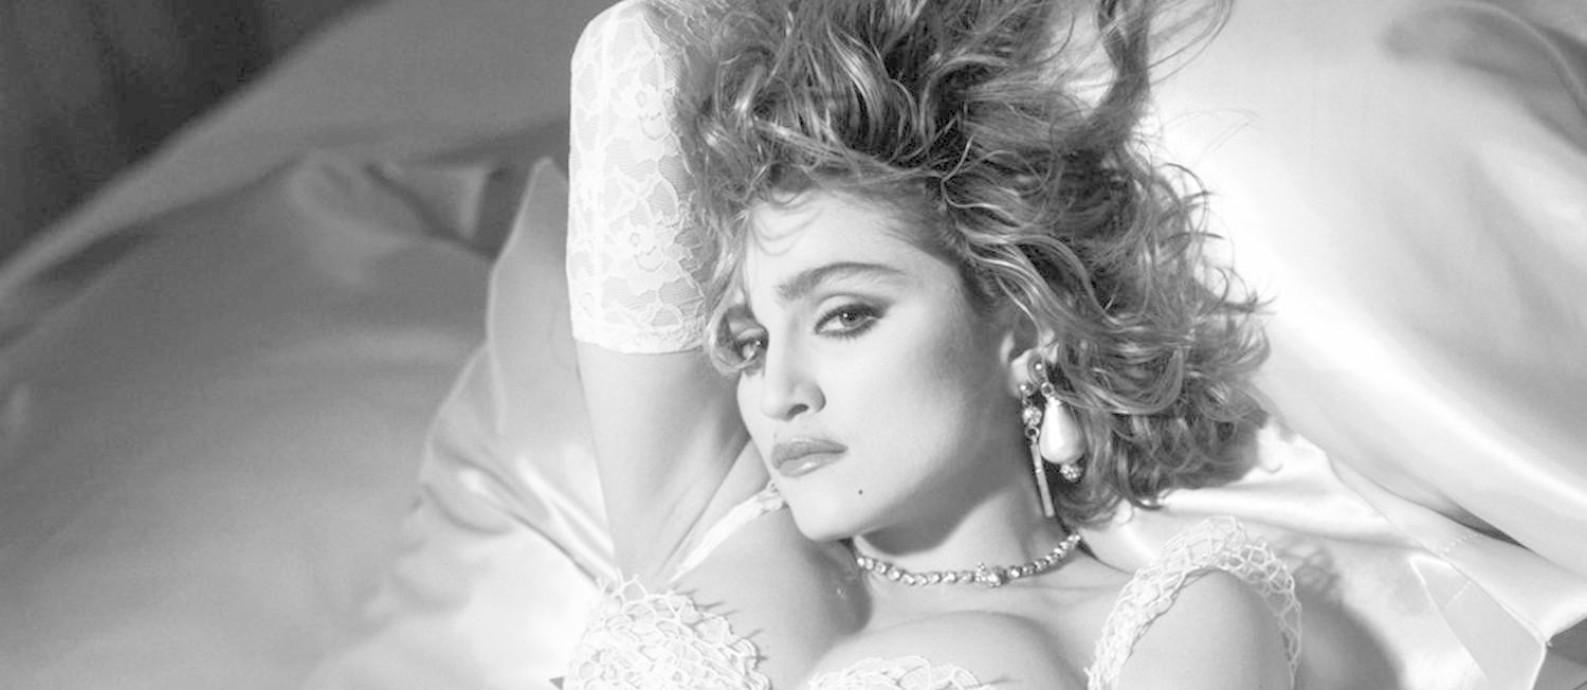 Madonna na fase 'Like a virgin' Foto: Divulgação